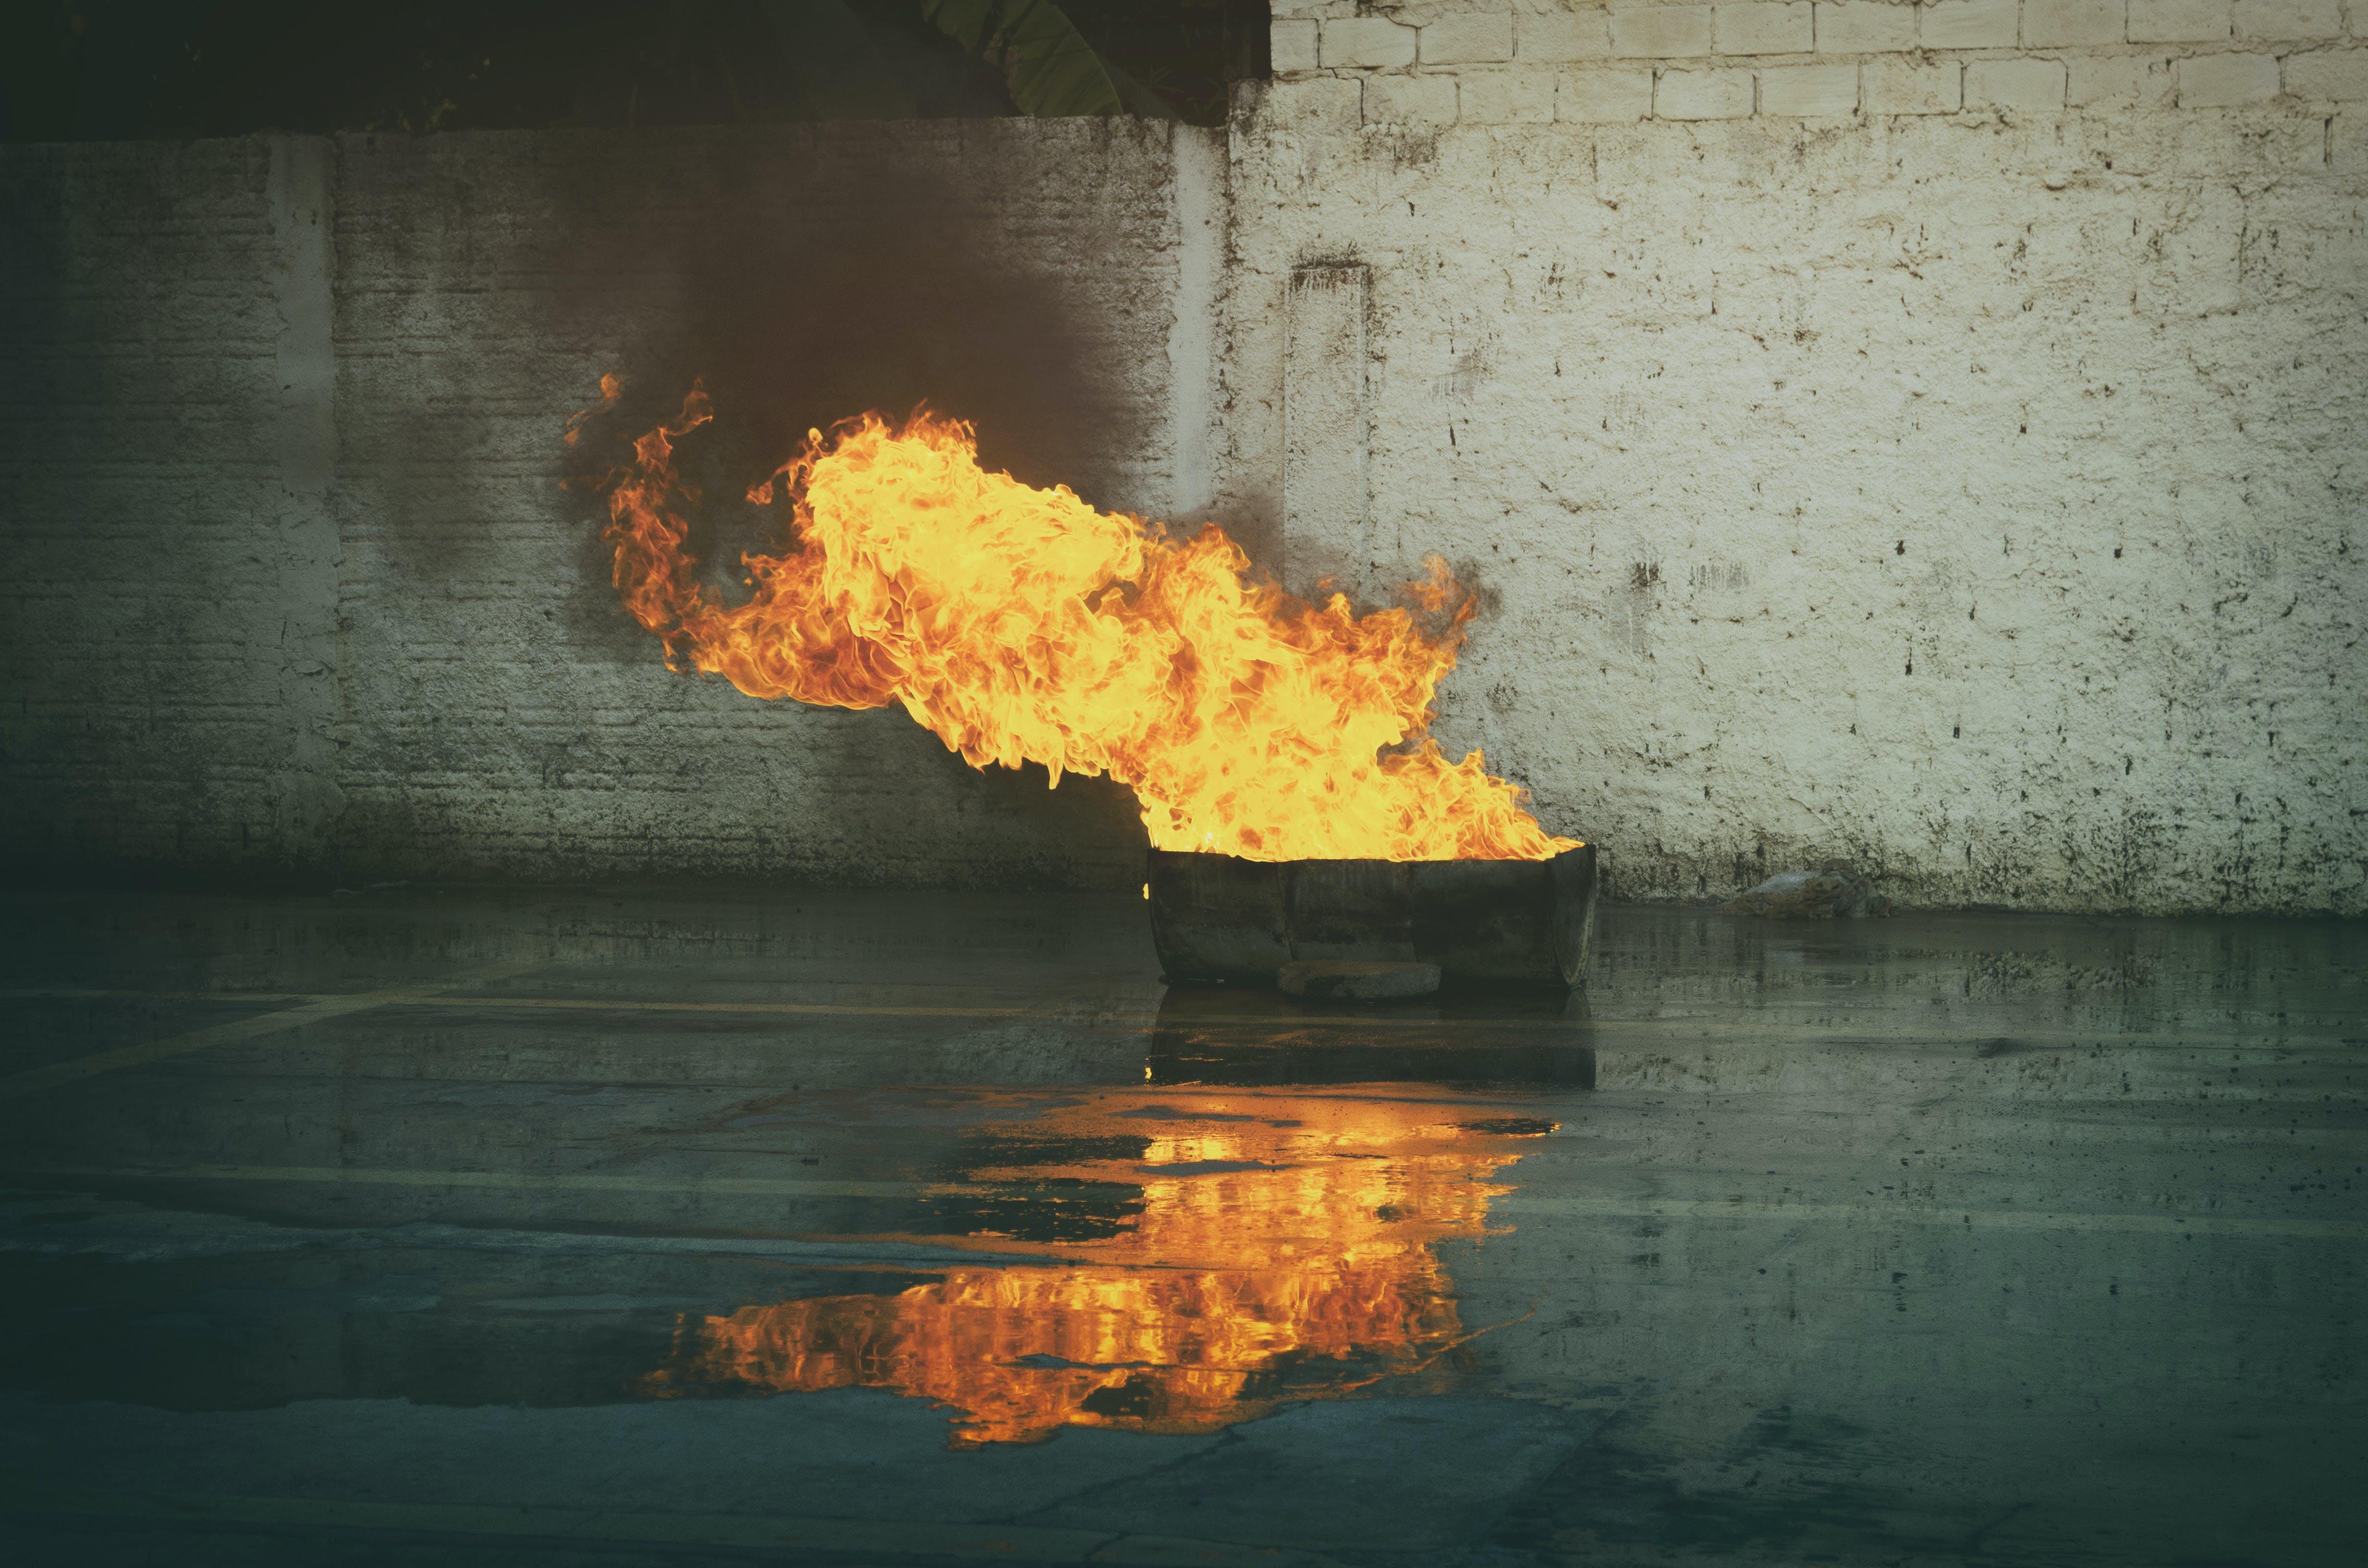 Gratis lagerfoto af brand, fotografi